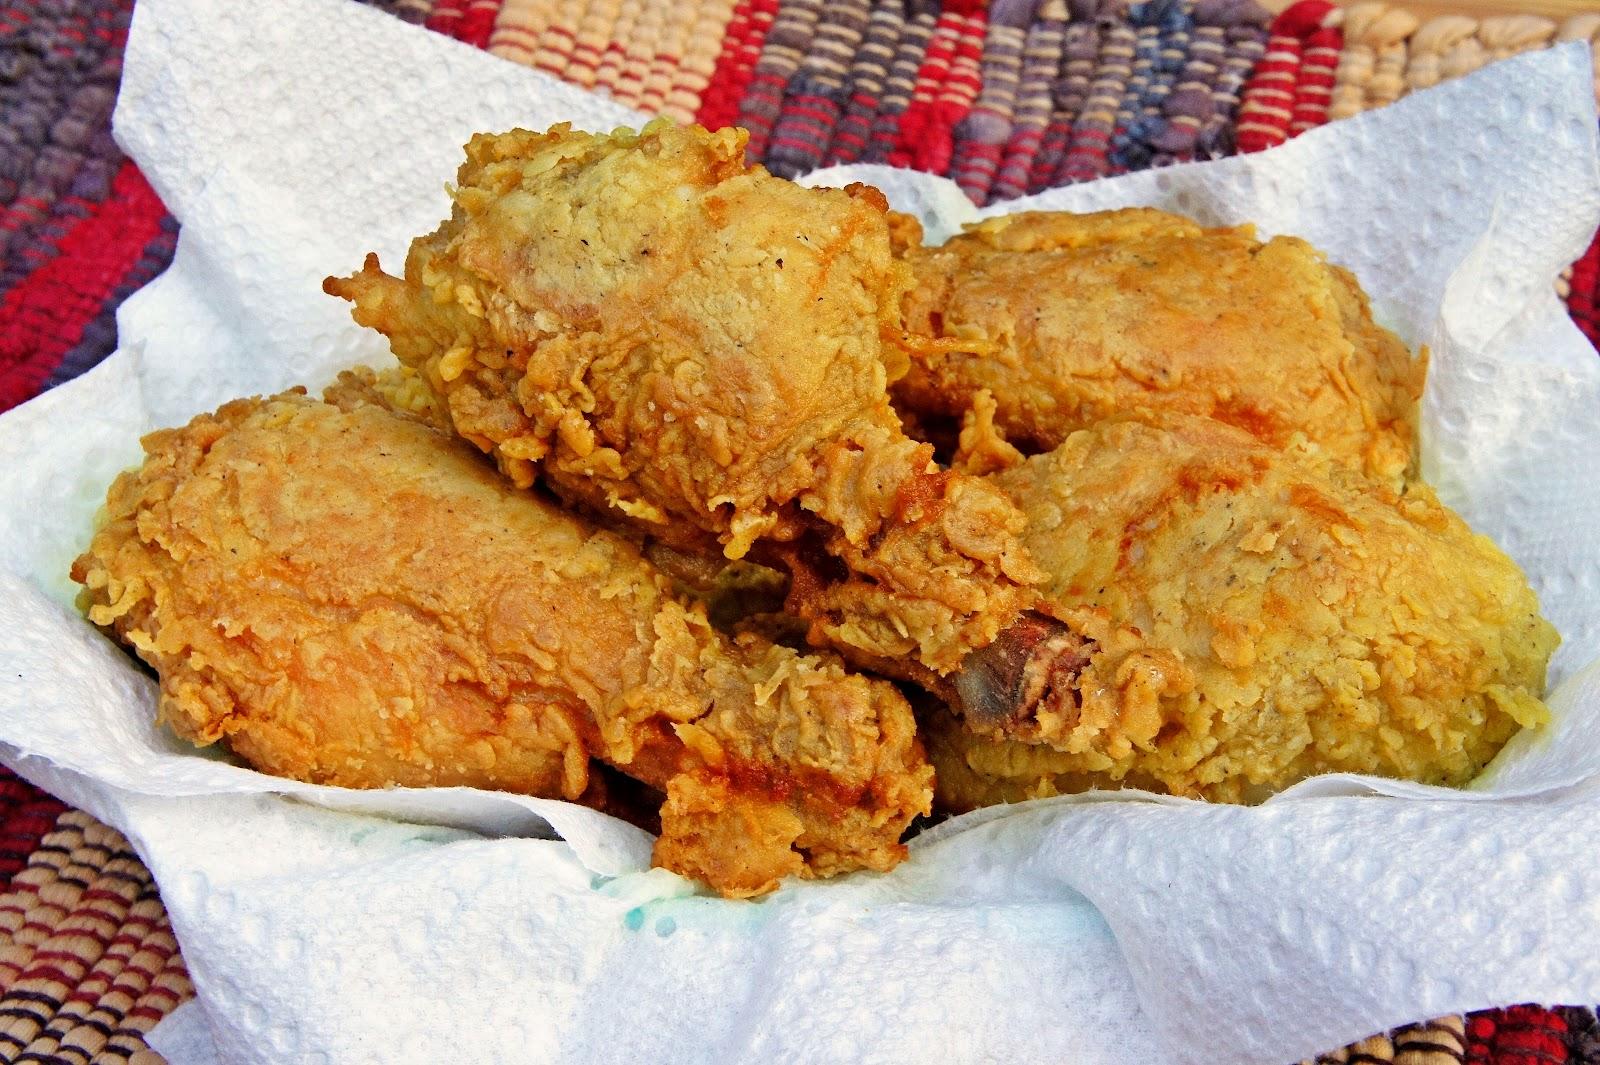 Resep sederhana cara membuat ayam goreng ala kentucky fried